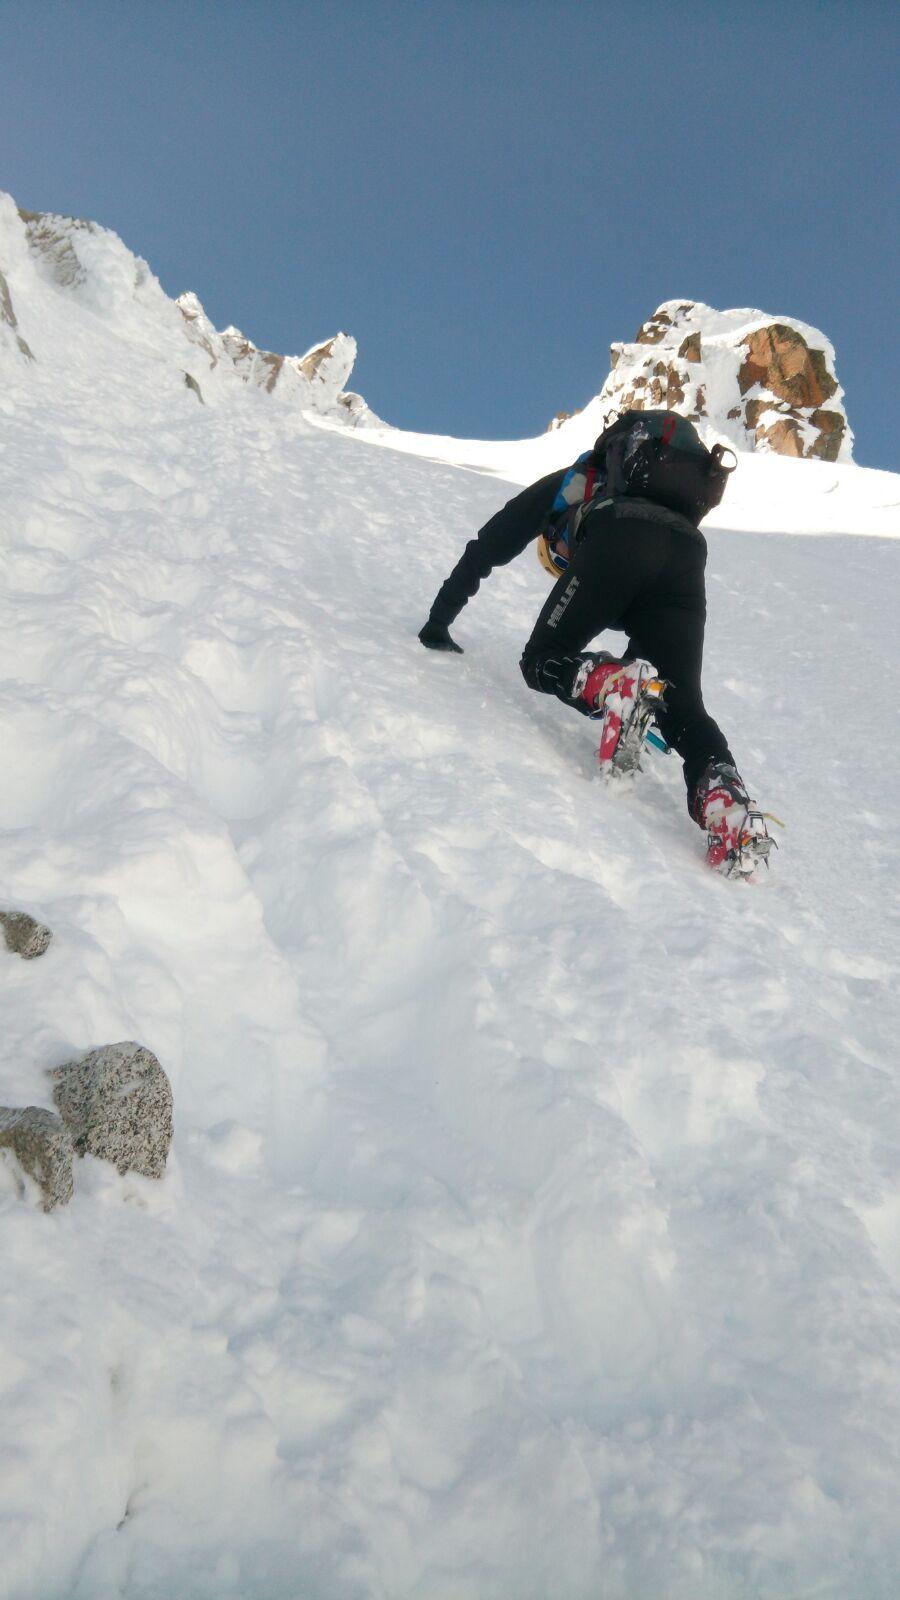 Ascensión a La Maladeta (3312mts.) con esquís.